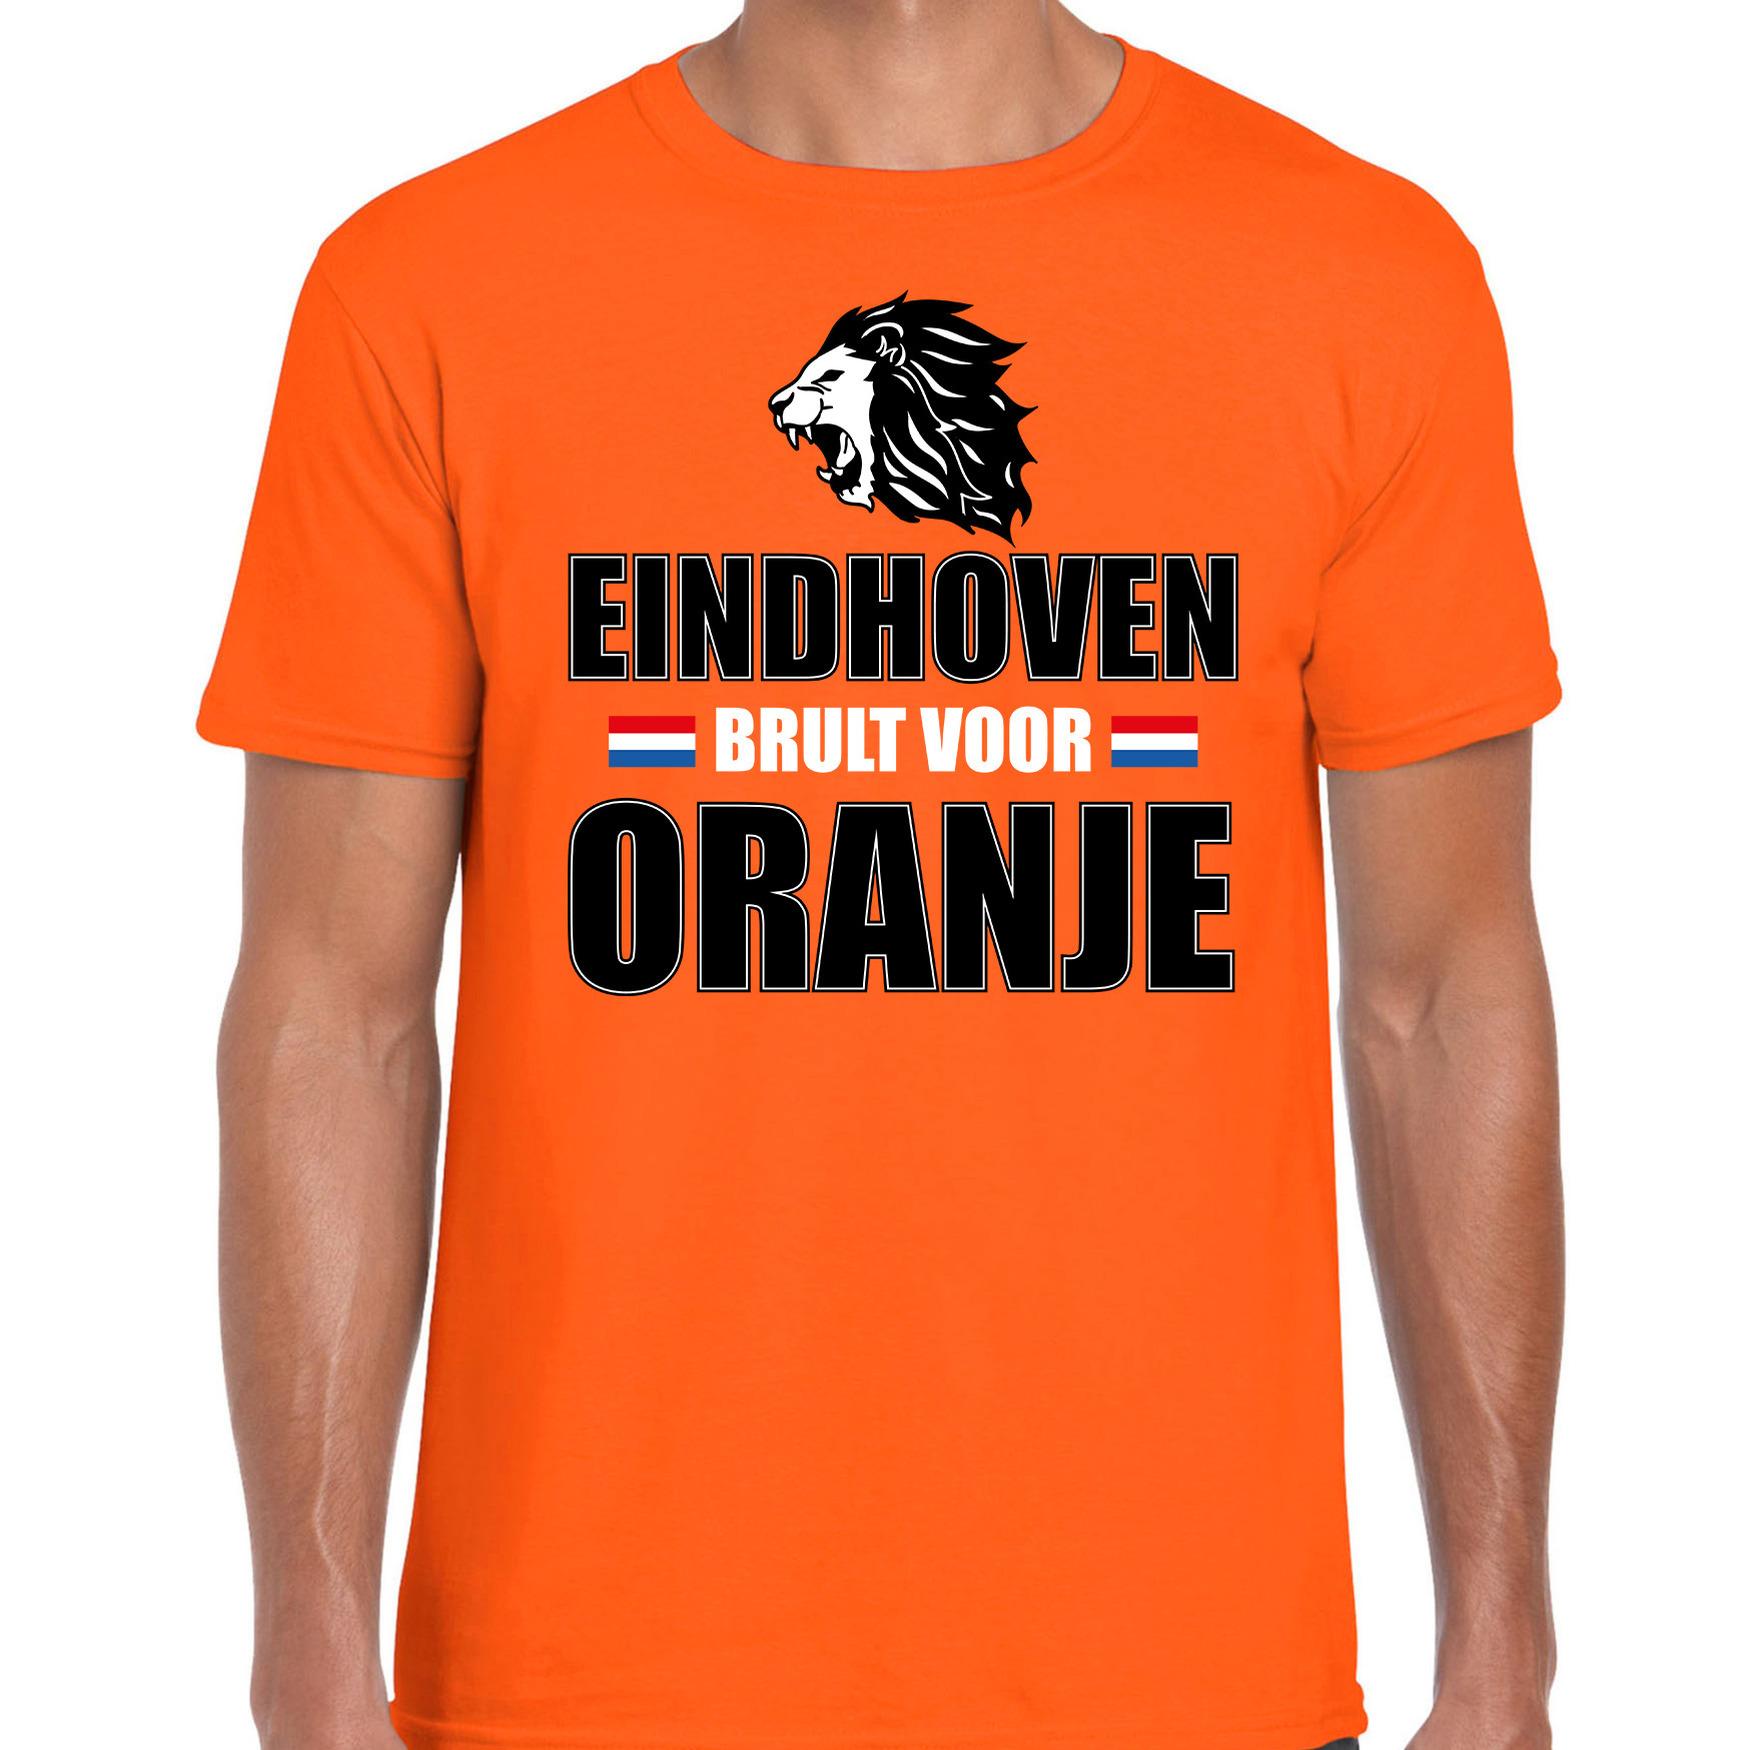 Oranje t-shirt Eindhoven brult voor oranje heren Holland-Nederland supporter shirt EK- WK